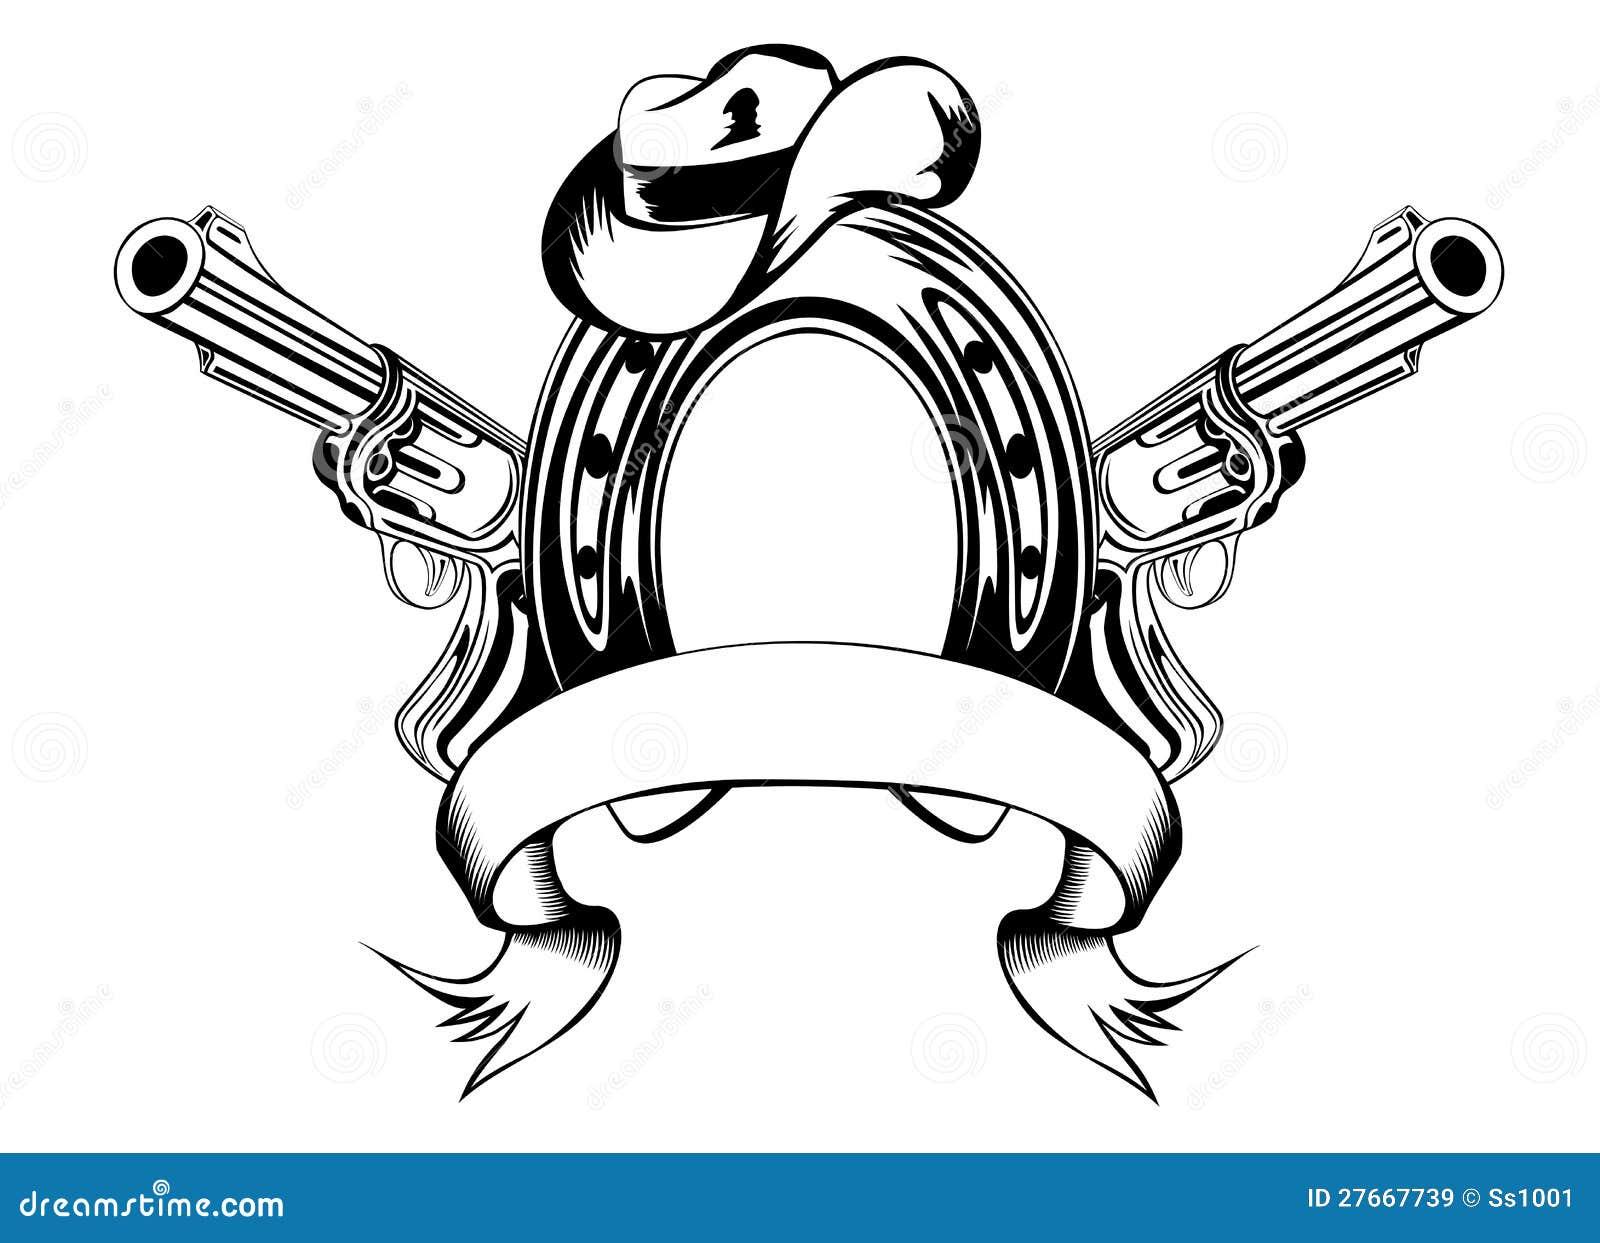 Pferdenschuh Und Cowboyhut Vektor Abbildung Illustration